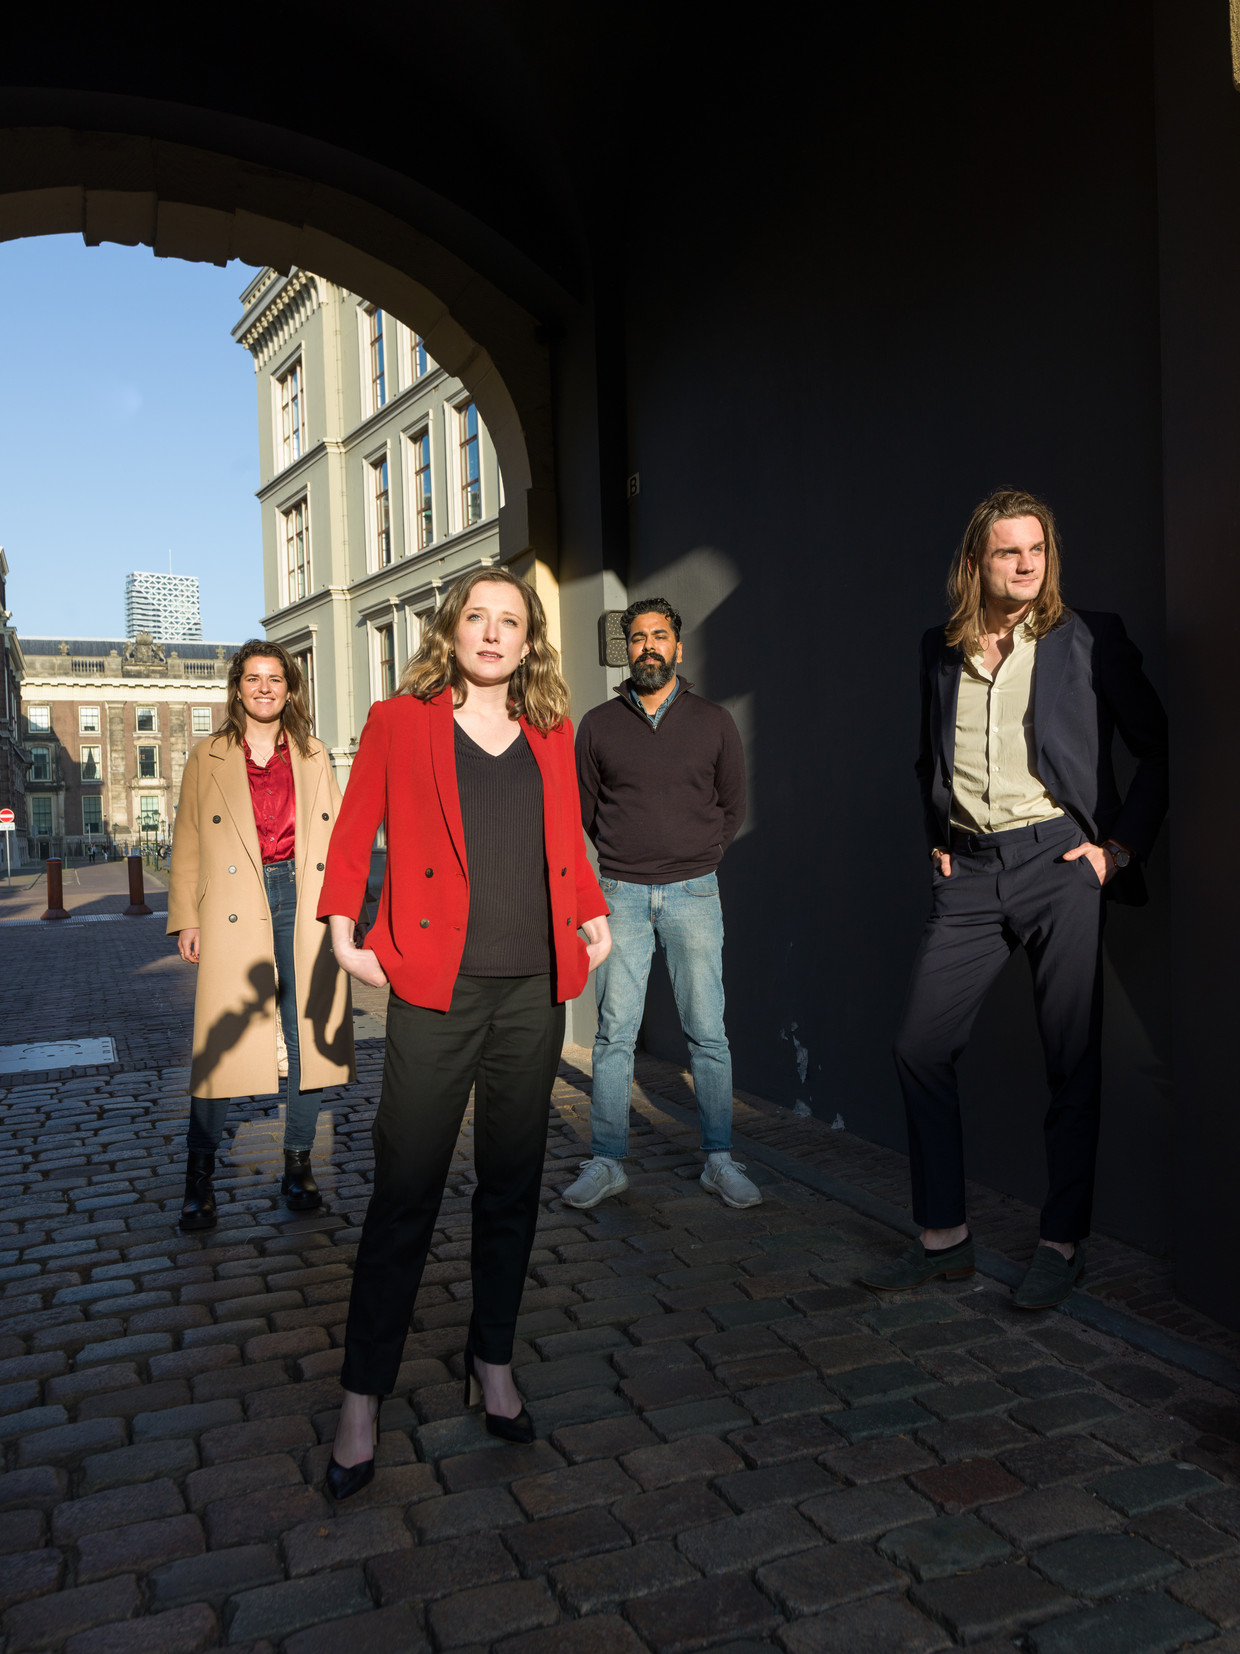 Journalisten Marieke Smits, Marloes Lemsom, Avinash Bhikhie en Rik Rutten op het Binnenhof in Den Haag.